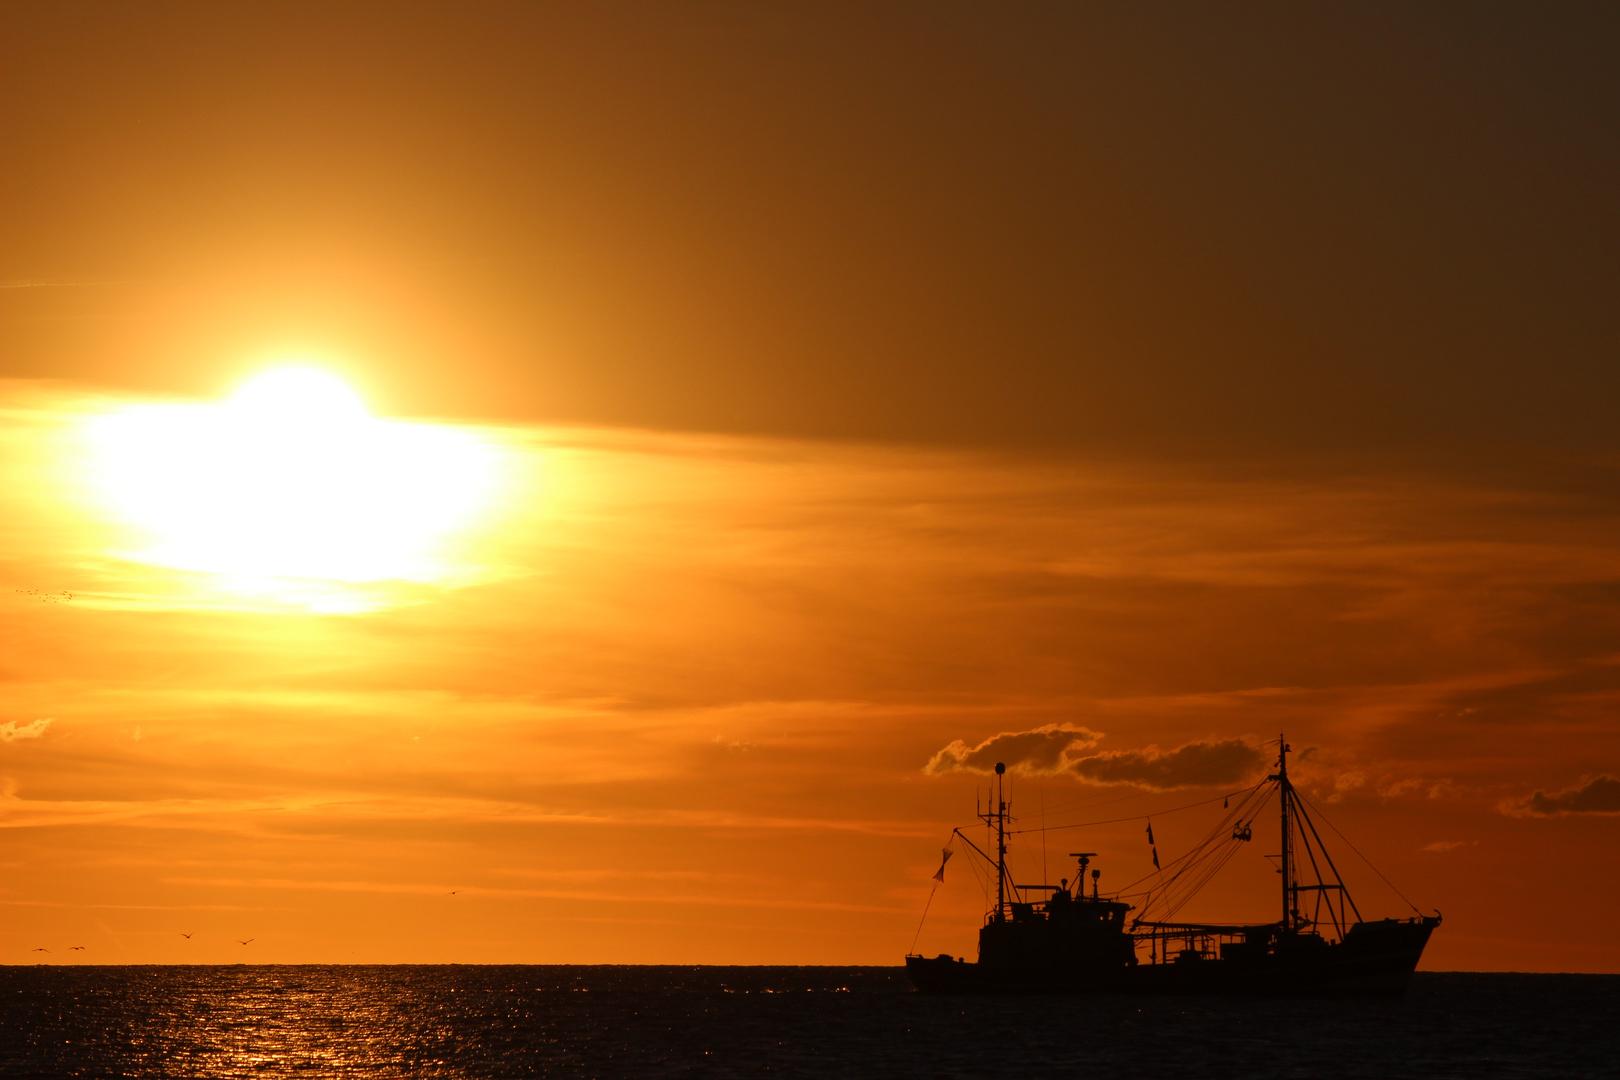 Kutter im Sonnenuntergang bei St. Peter-Ording